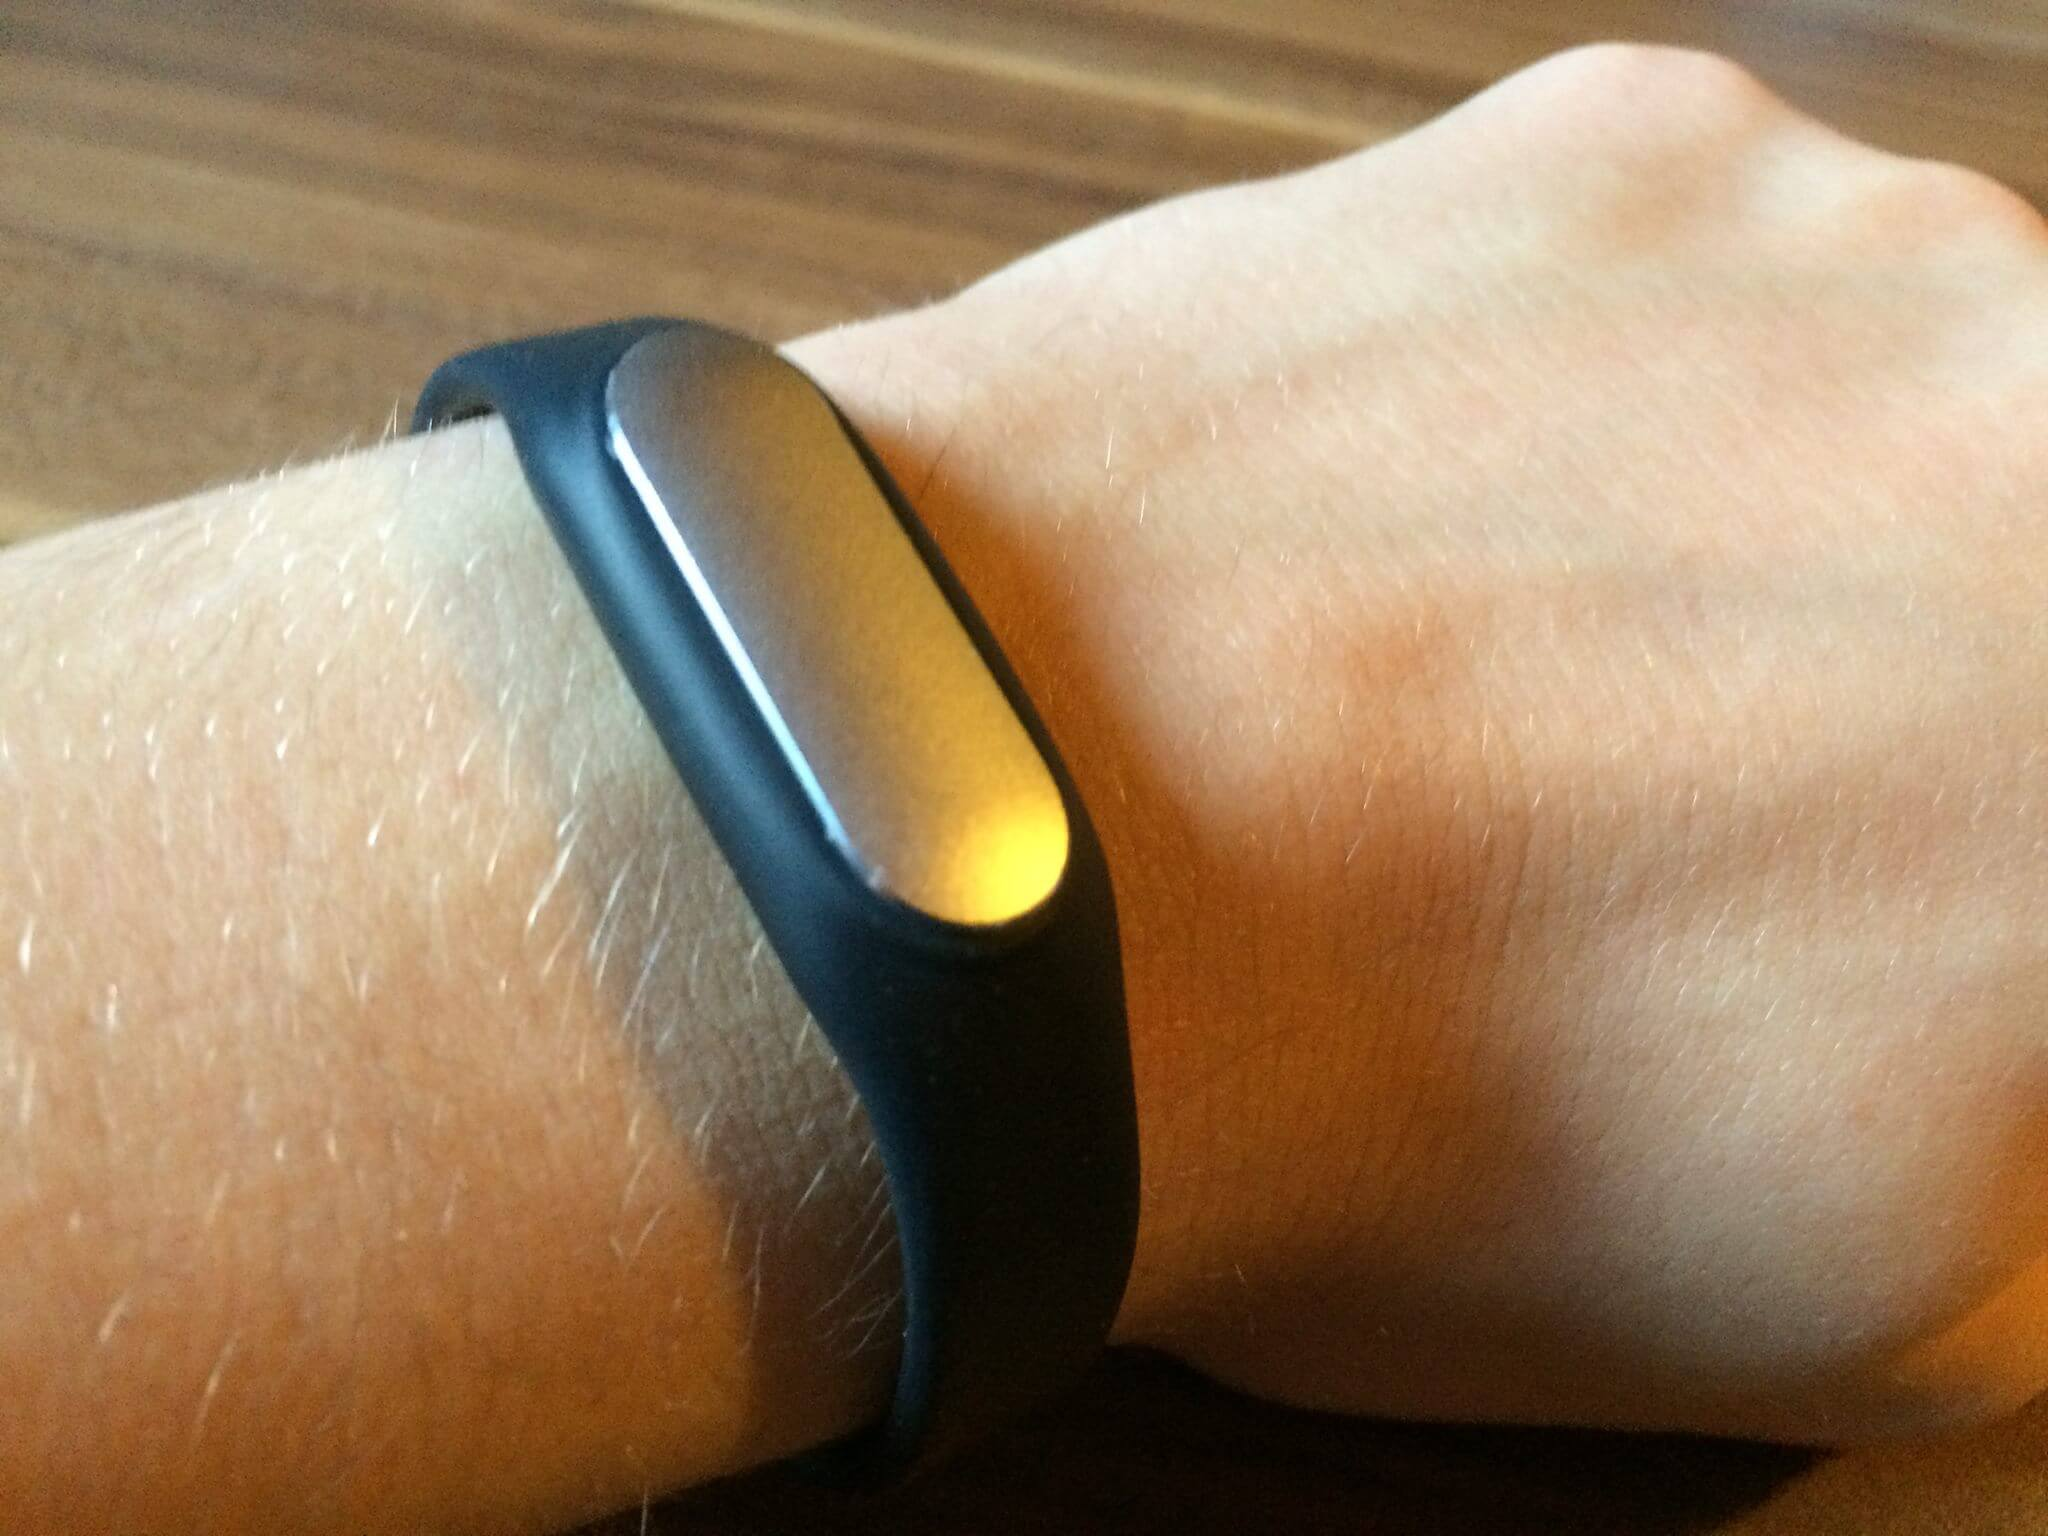 Xiaomi Mi Band: Mein Erfahrungsbericht nach 3 Wochen Nutzungszeit 4